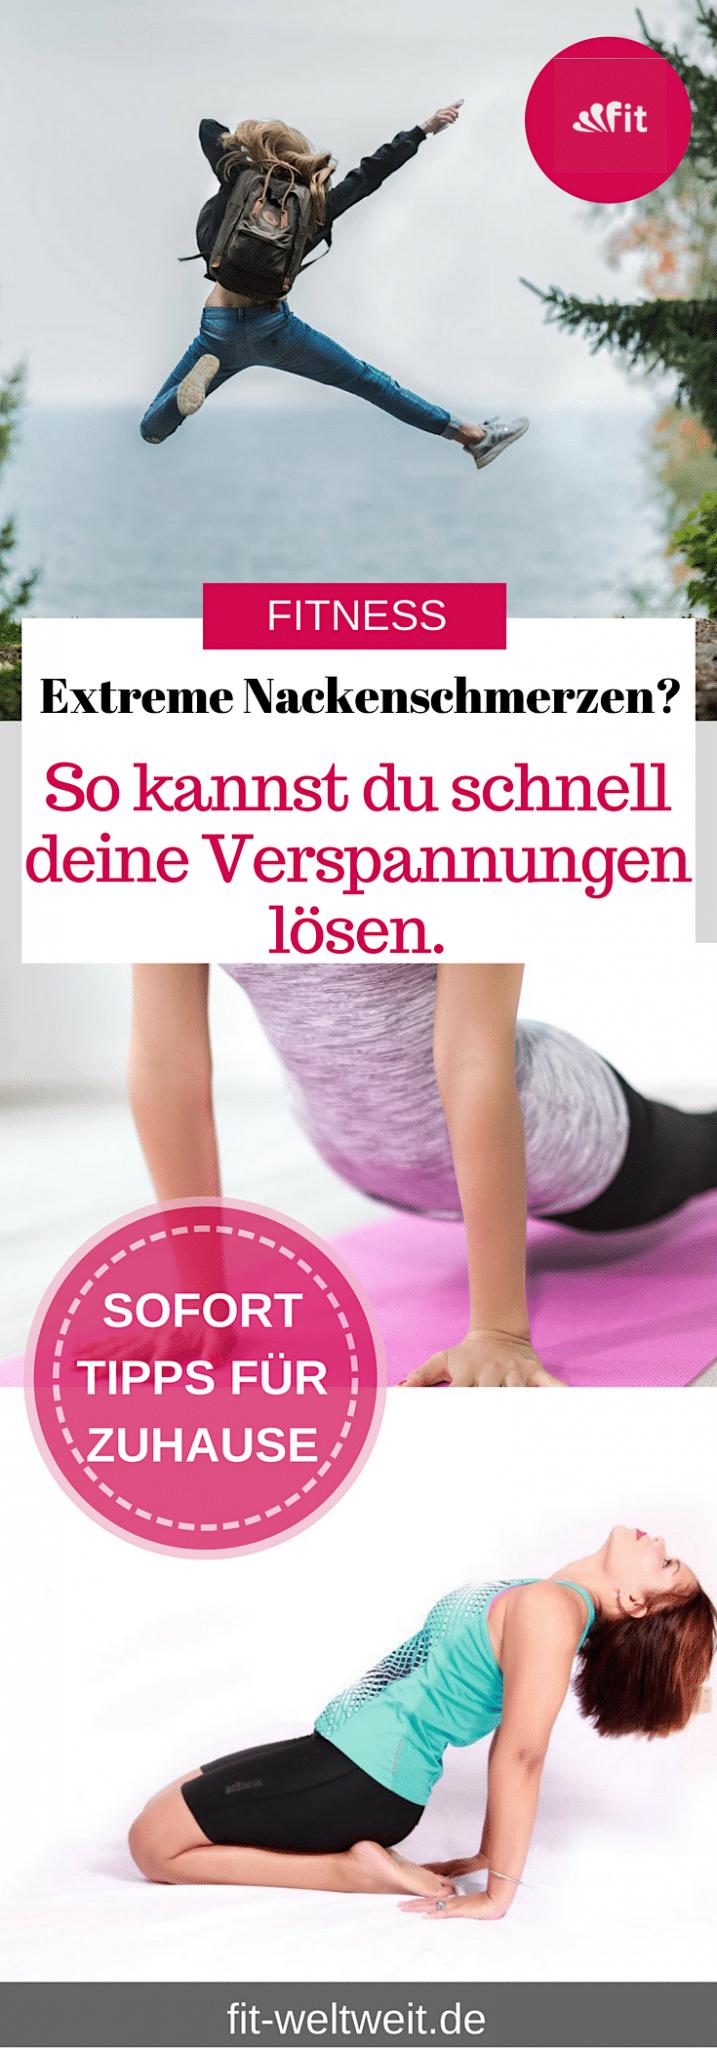 #RÜCKENSCHMERZEN #ÜBUNGEN Dieser Blogpost hat natürlich ein Kernthema, dass dir weiterhelfen soll: #Nackenschmerzen #Übungen, die deine äVerspannungen lösen. Mit Pilates gegen Hohlkreuz- (Hyperlordose) und #Rückenschmerzen + #Trainingsplan und Erklärungen. Du bekommst exakte Übungen und eine #Anleitung zum Dehnen, um deine Schmerzen zu verbessern/loszuwerden. Ursachen vom #Hohlkreuz und #Behandlung.